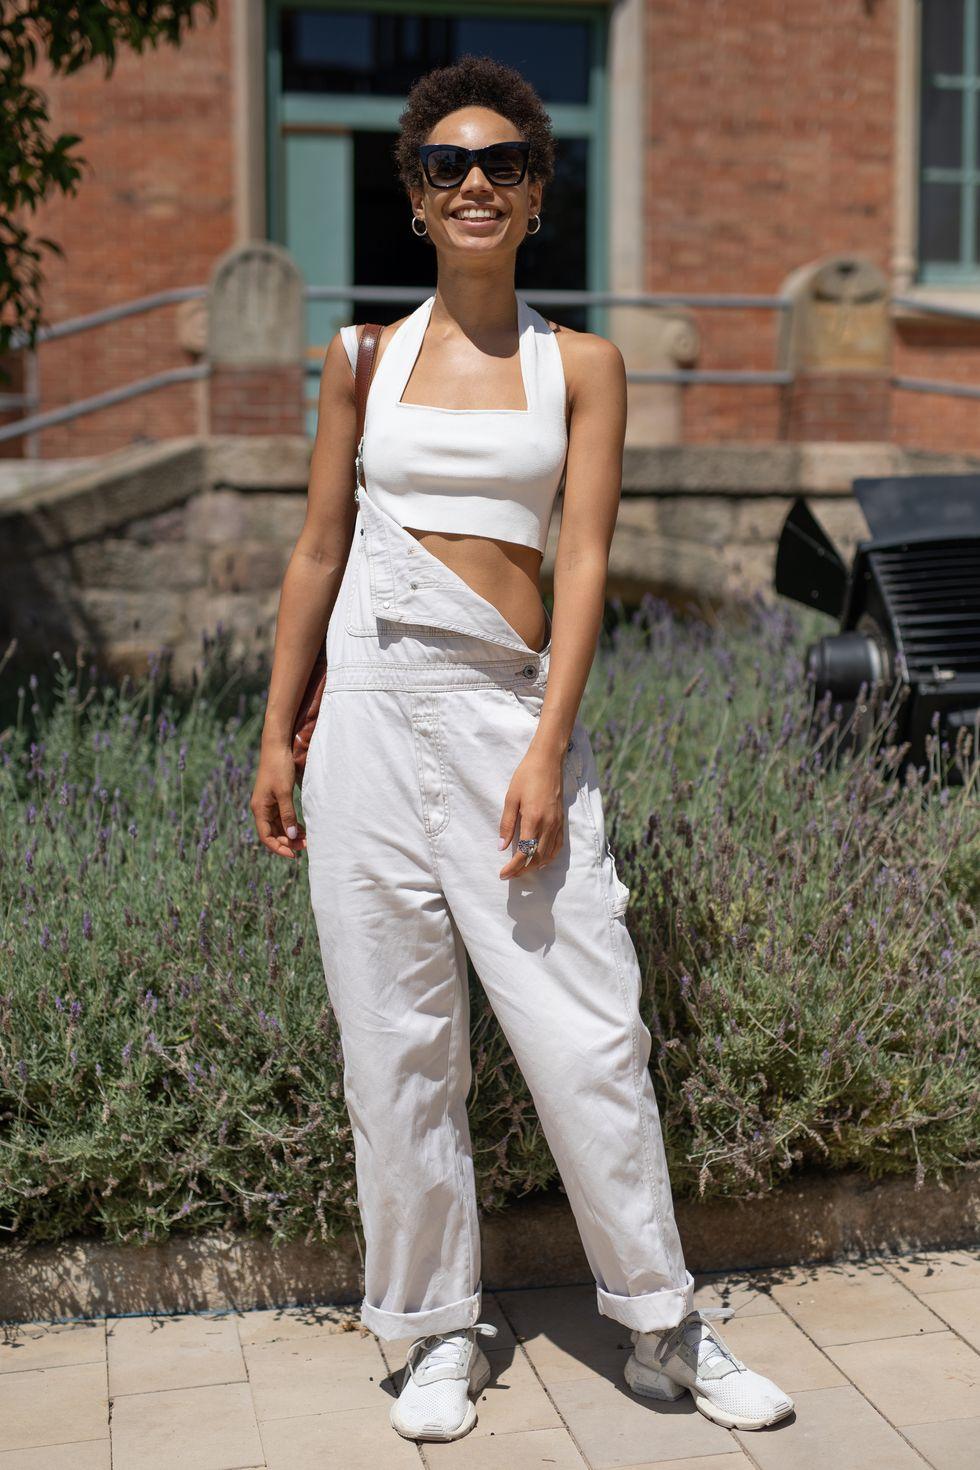 Mặc áo crop top bên dưới Đối với mùa hè, hãy đi với quần yếm denim màu sáng hơn như màu trắng hoặc màu xanh cổ điển. Vì nhiều lớp áo dày sẽ khiến bạn đổ mồ hôi và có thể quá nóng, thay vào đó, hãy chọn một chiếc áo crop top lộ da.